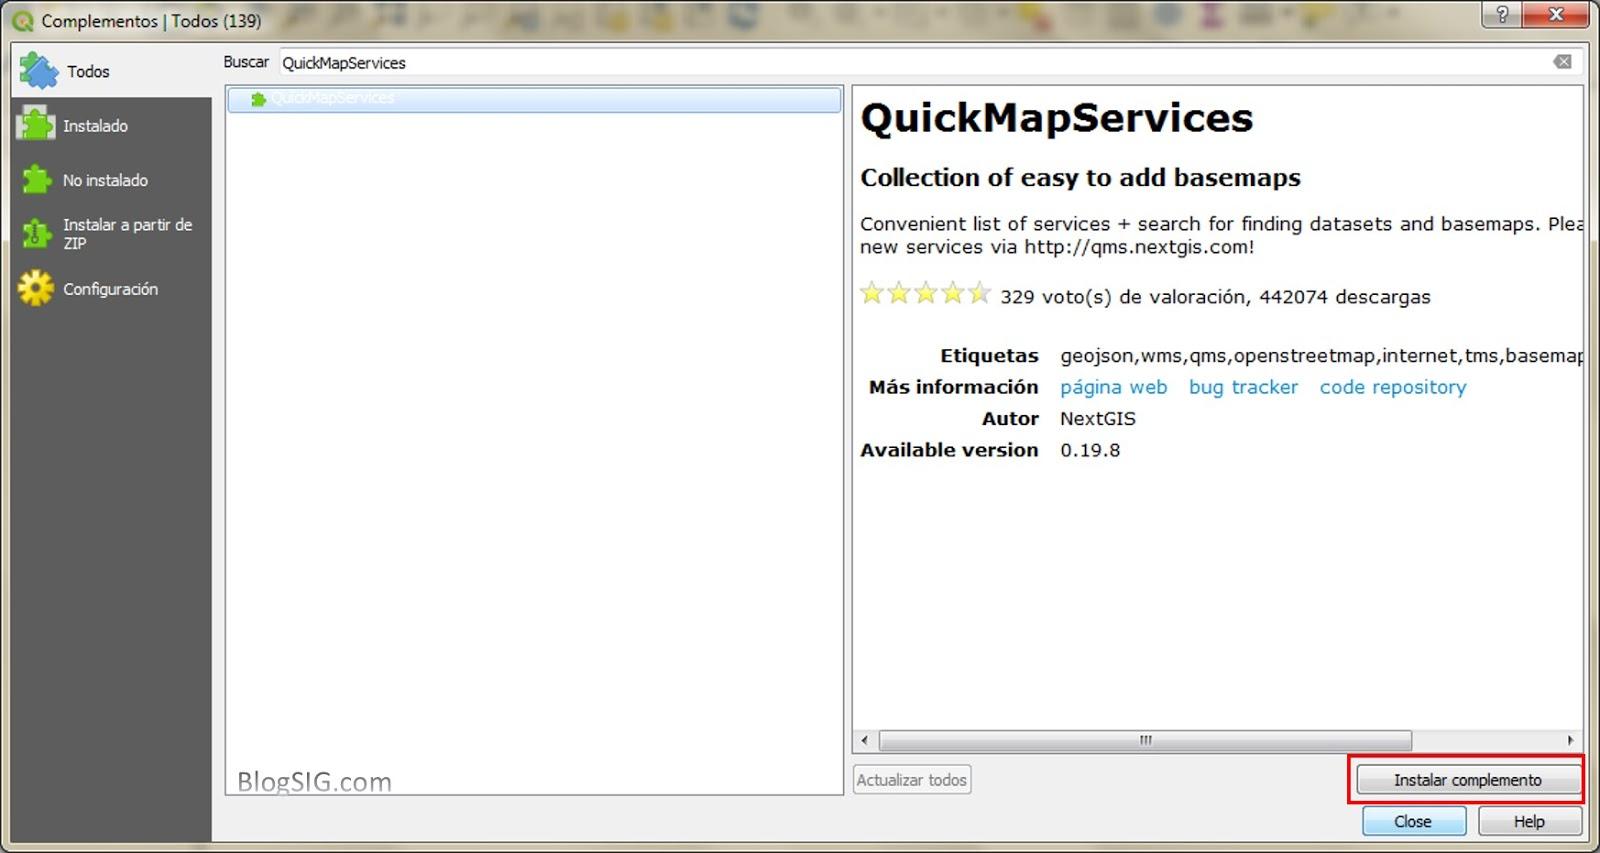 Blog SIG: Como instalar QuickMapServices en QGIS 3